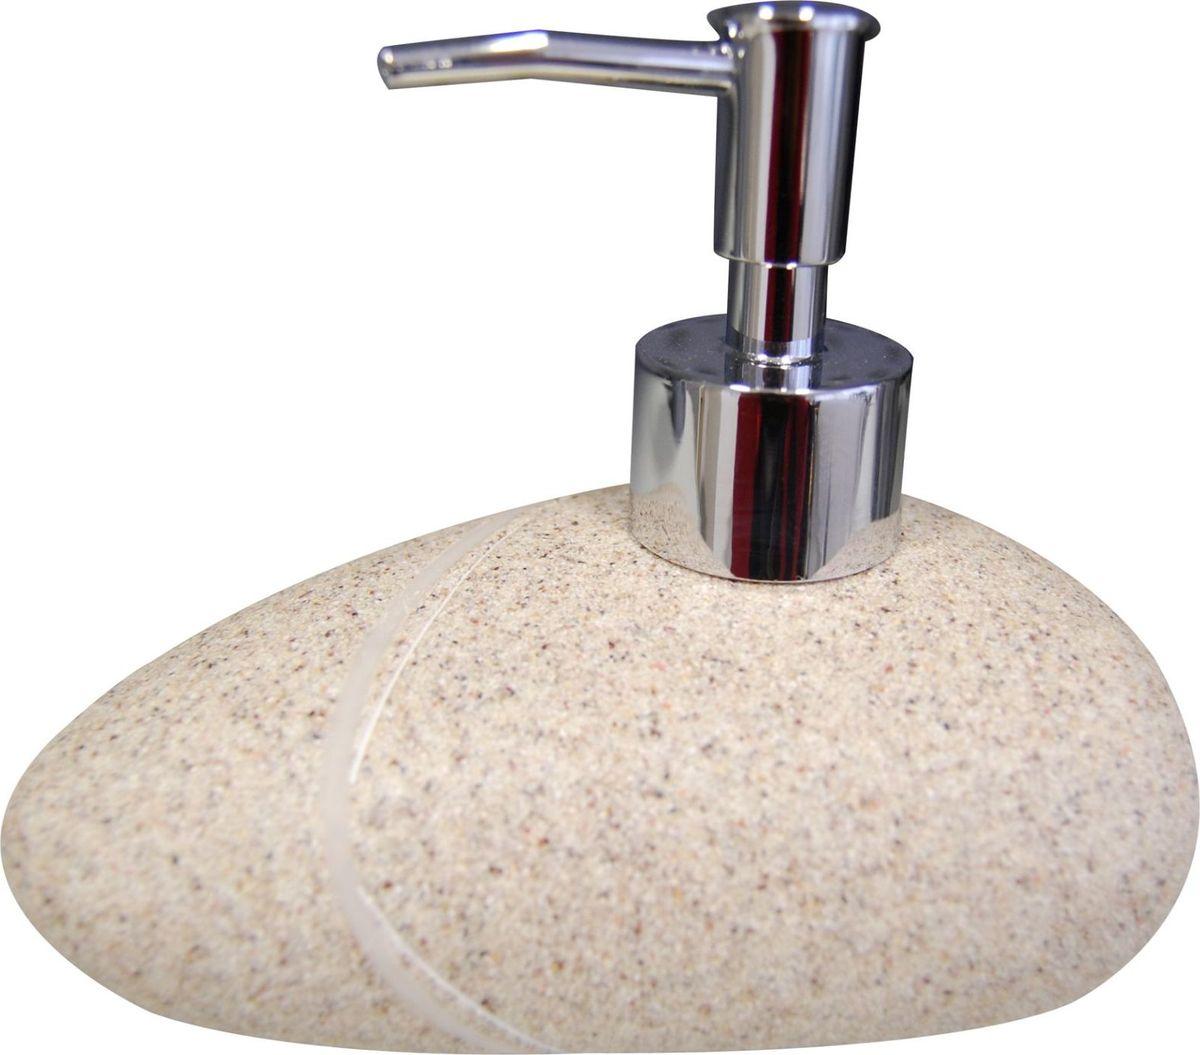 Дозатор для жидкого мыла Ridder Little Rock, цвет: бежевыйEDISB20i41Изделия данной серии устойчивы к ультрафиолету, т.к. изготавливаются из полирезины.Экологичная полирезина - это твердый многокомпонентный материал на основе синтетической смолы,с добавлением каменной крошки и красящих пигментов. Объем: 200 мл.